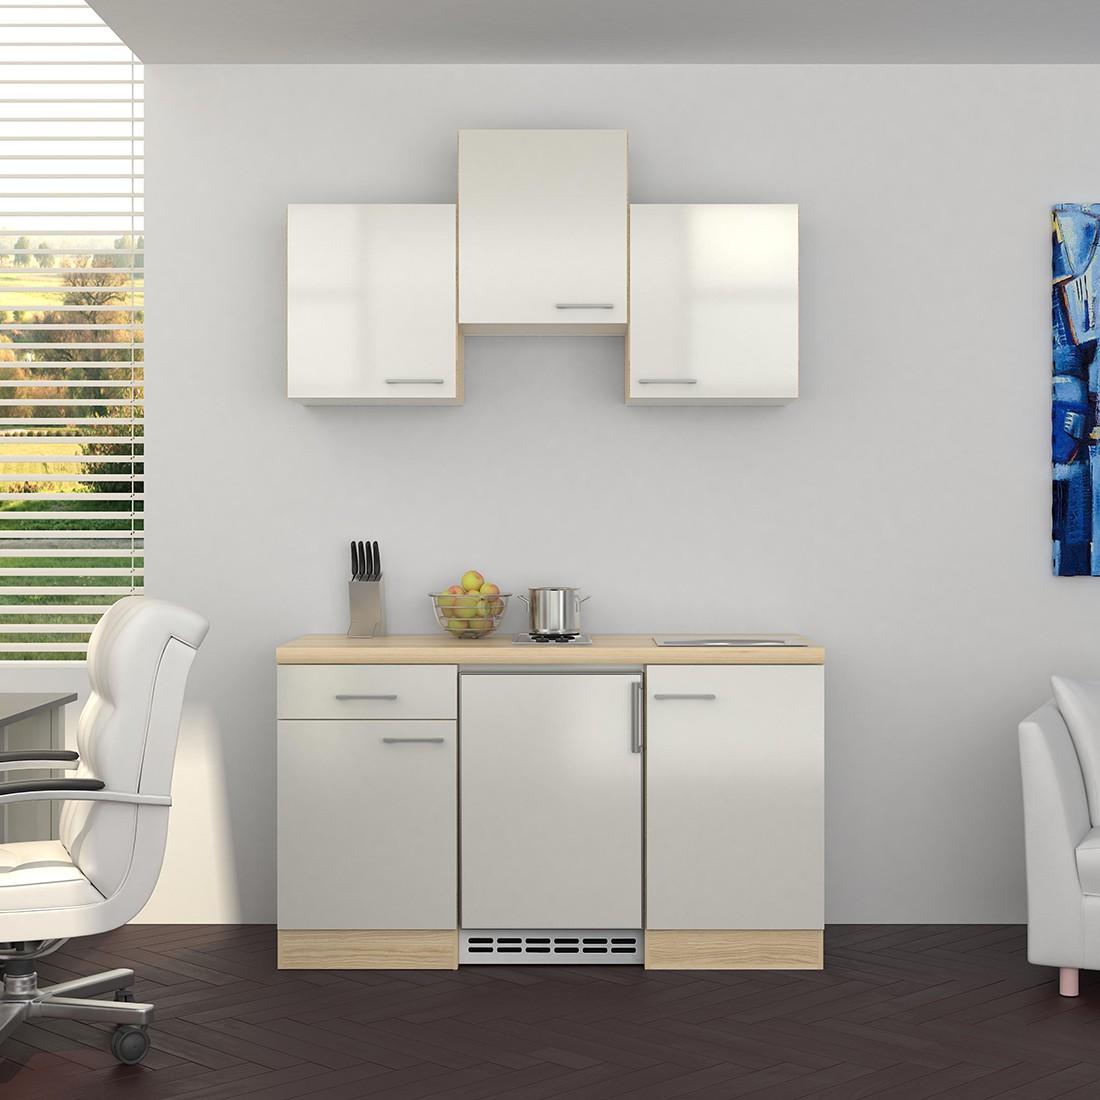 singlek che florenz mit elektro kochfeld und k hlschrank breite 150 cm perlmutt wei k che. Black Bedroom Furniture Sets. Home Design Ideas